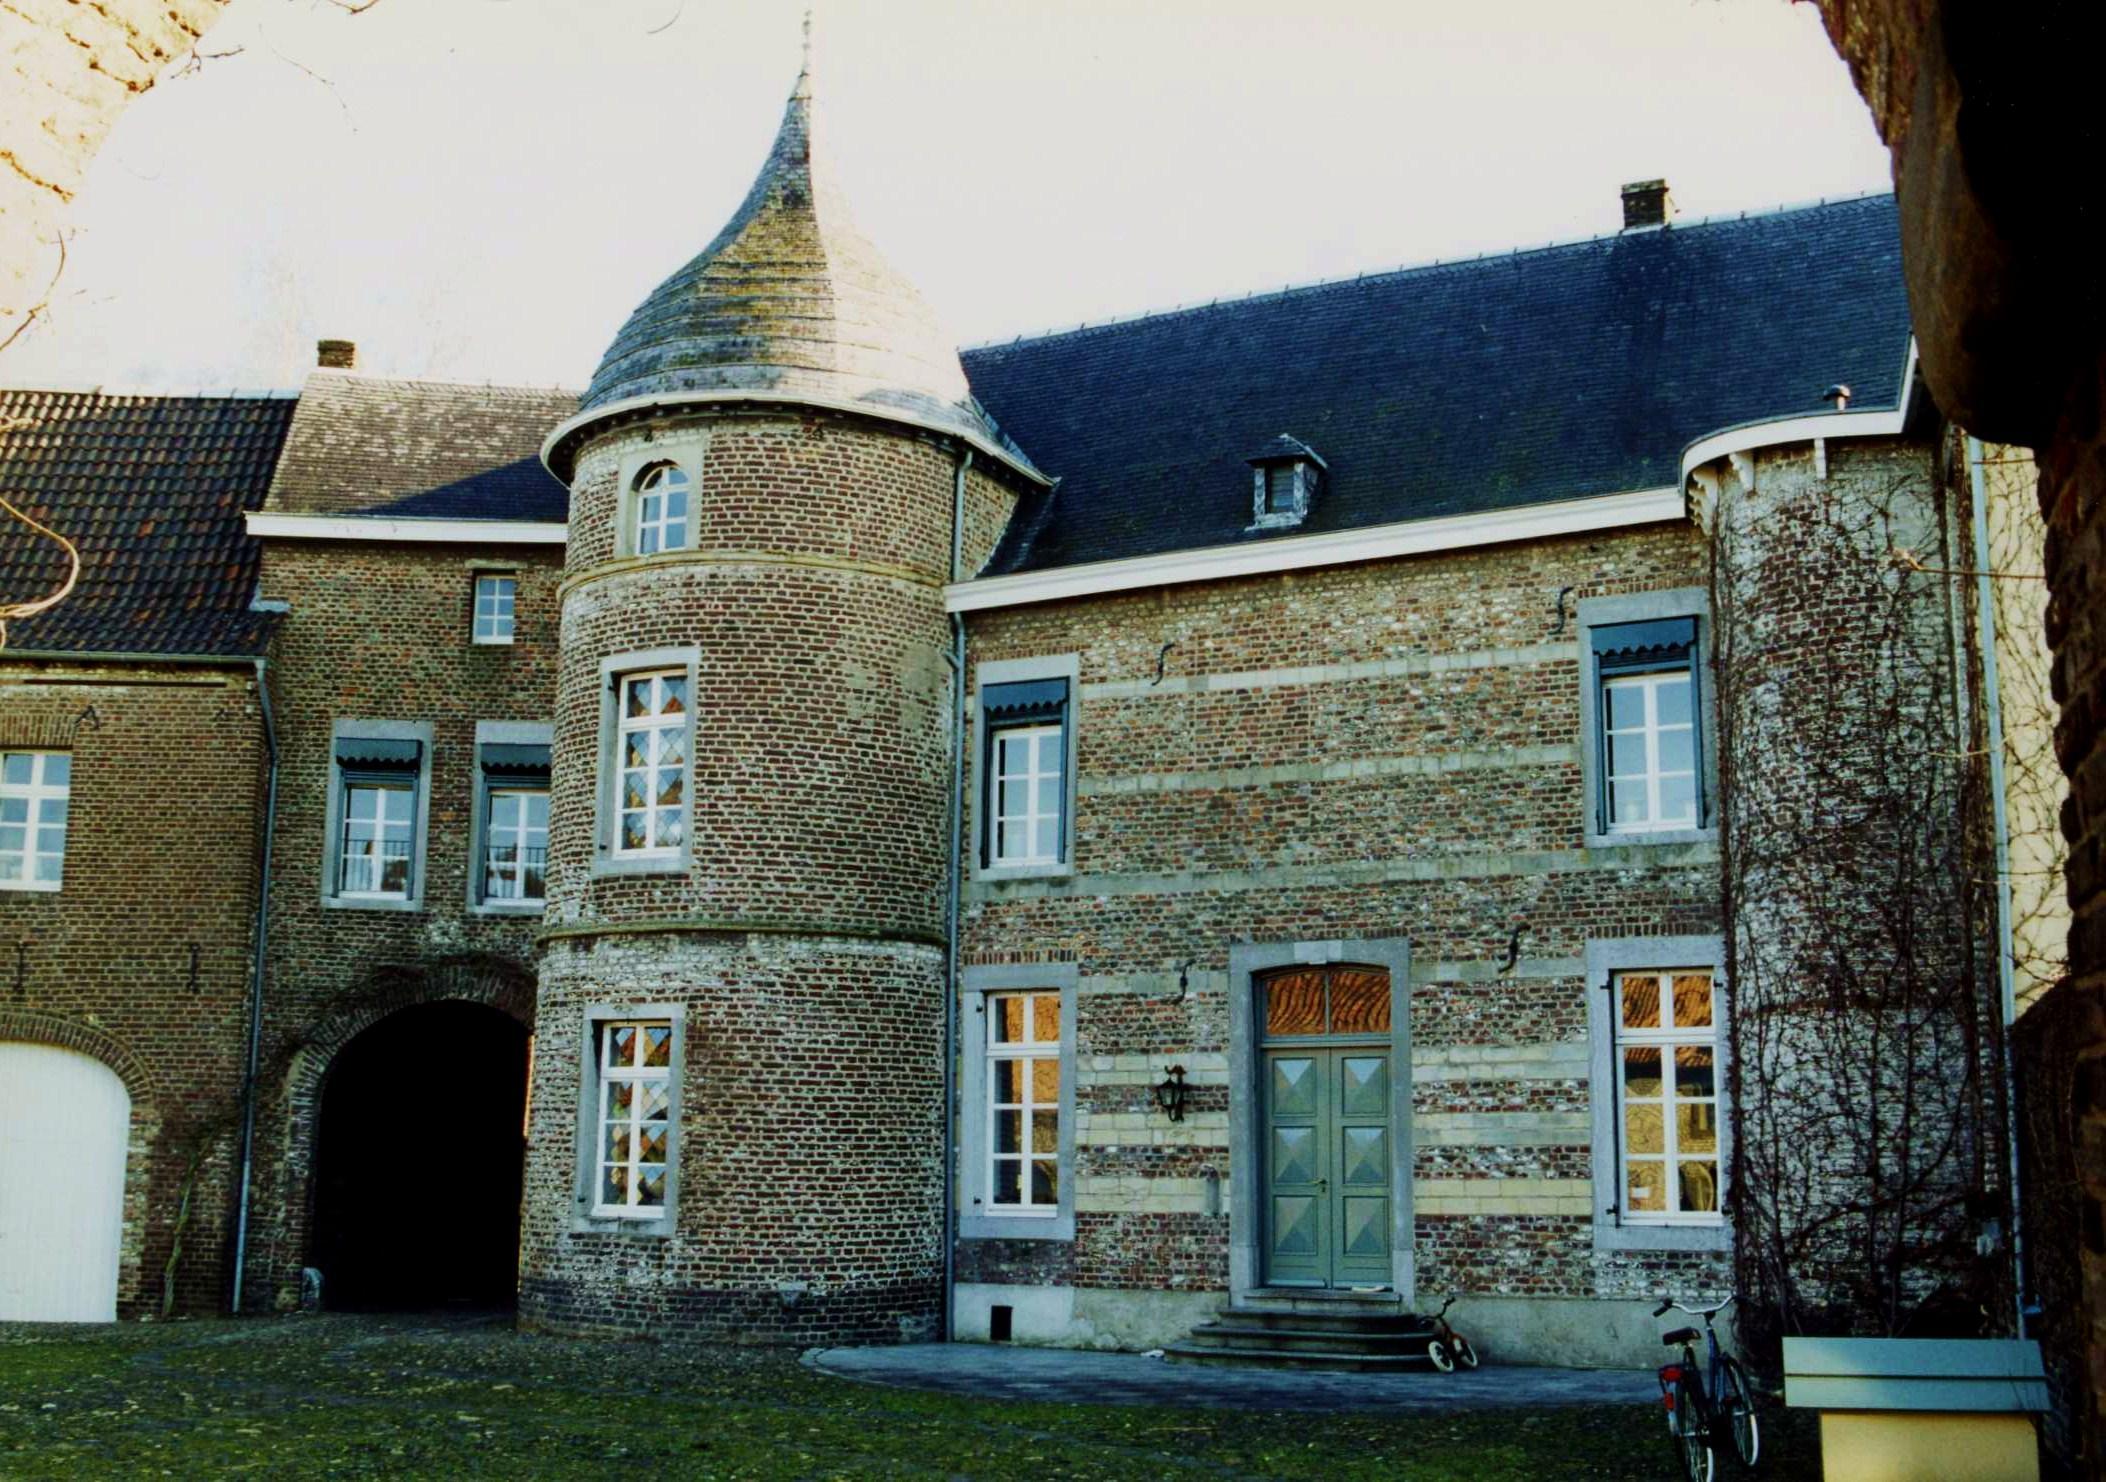 Huis millen in sittard monument - Foto van eigentijds huis ...